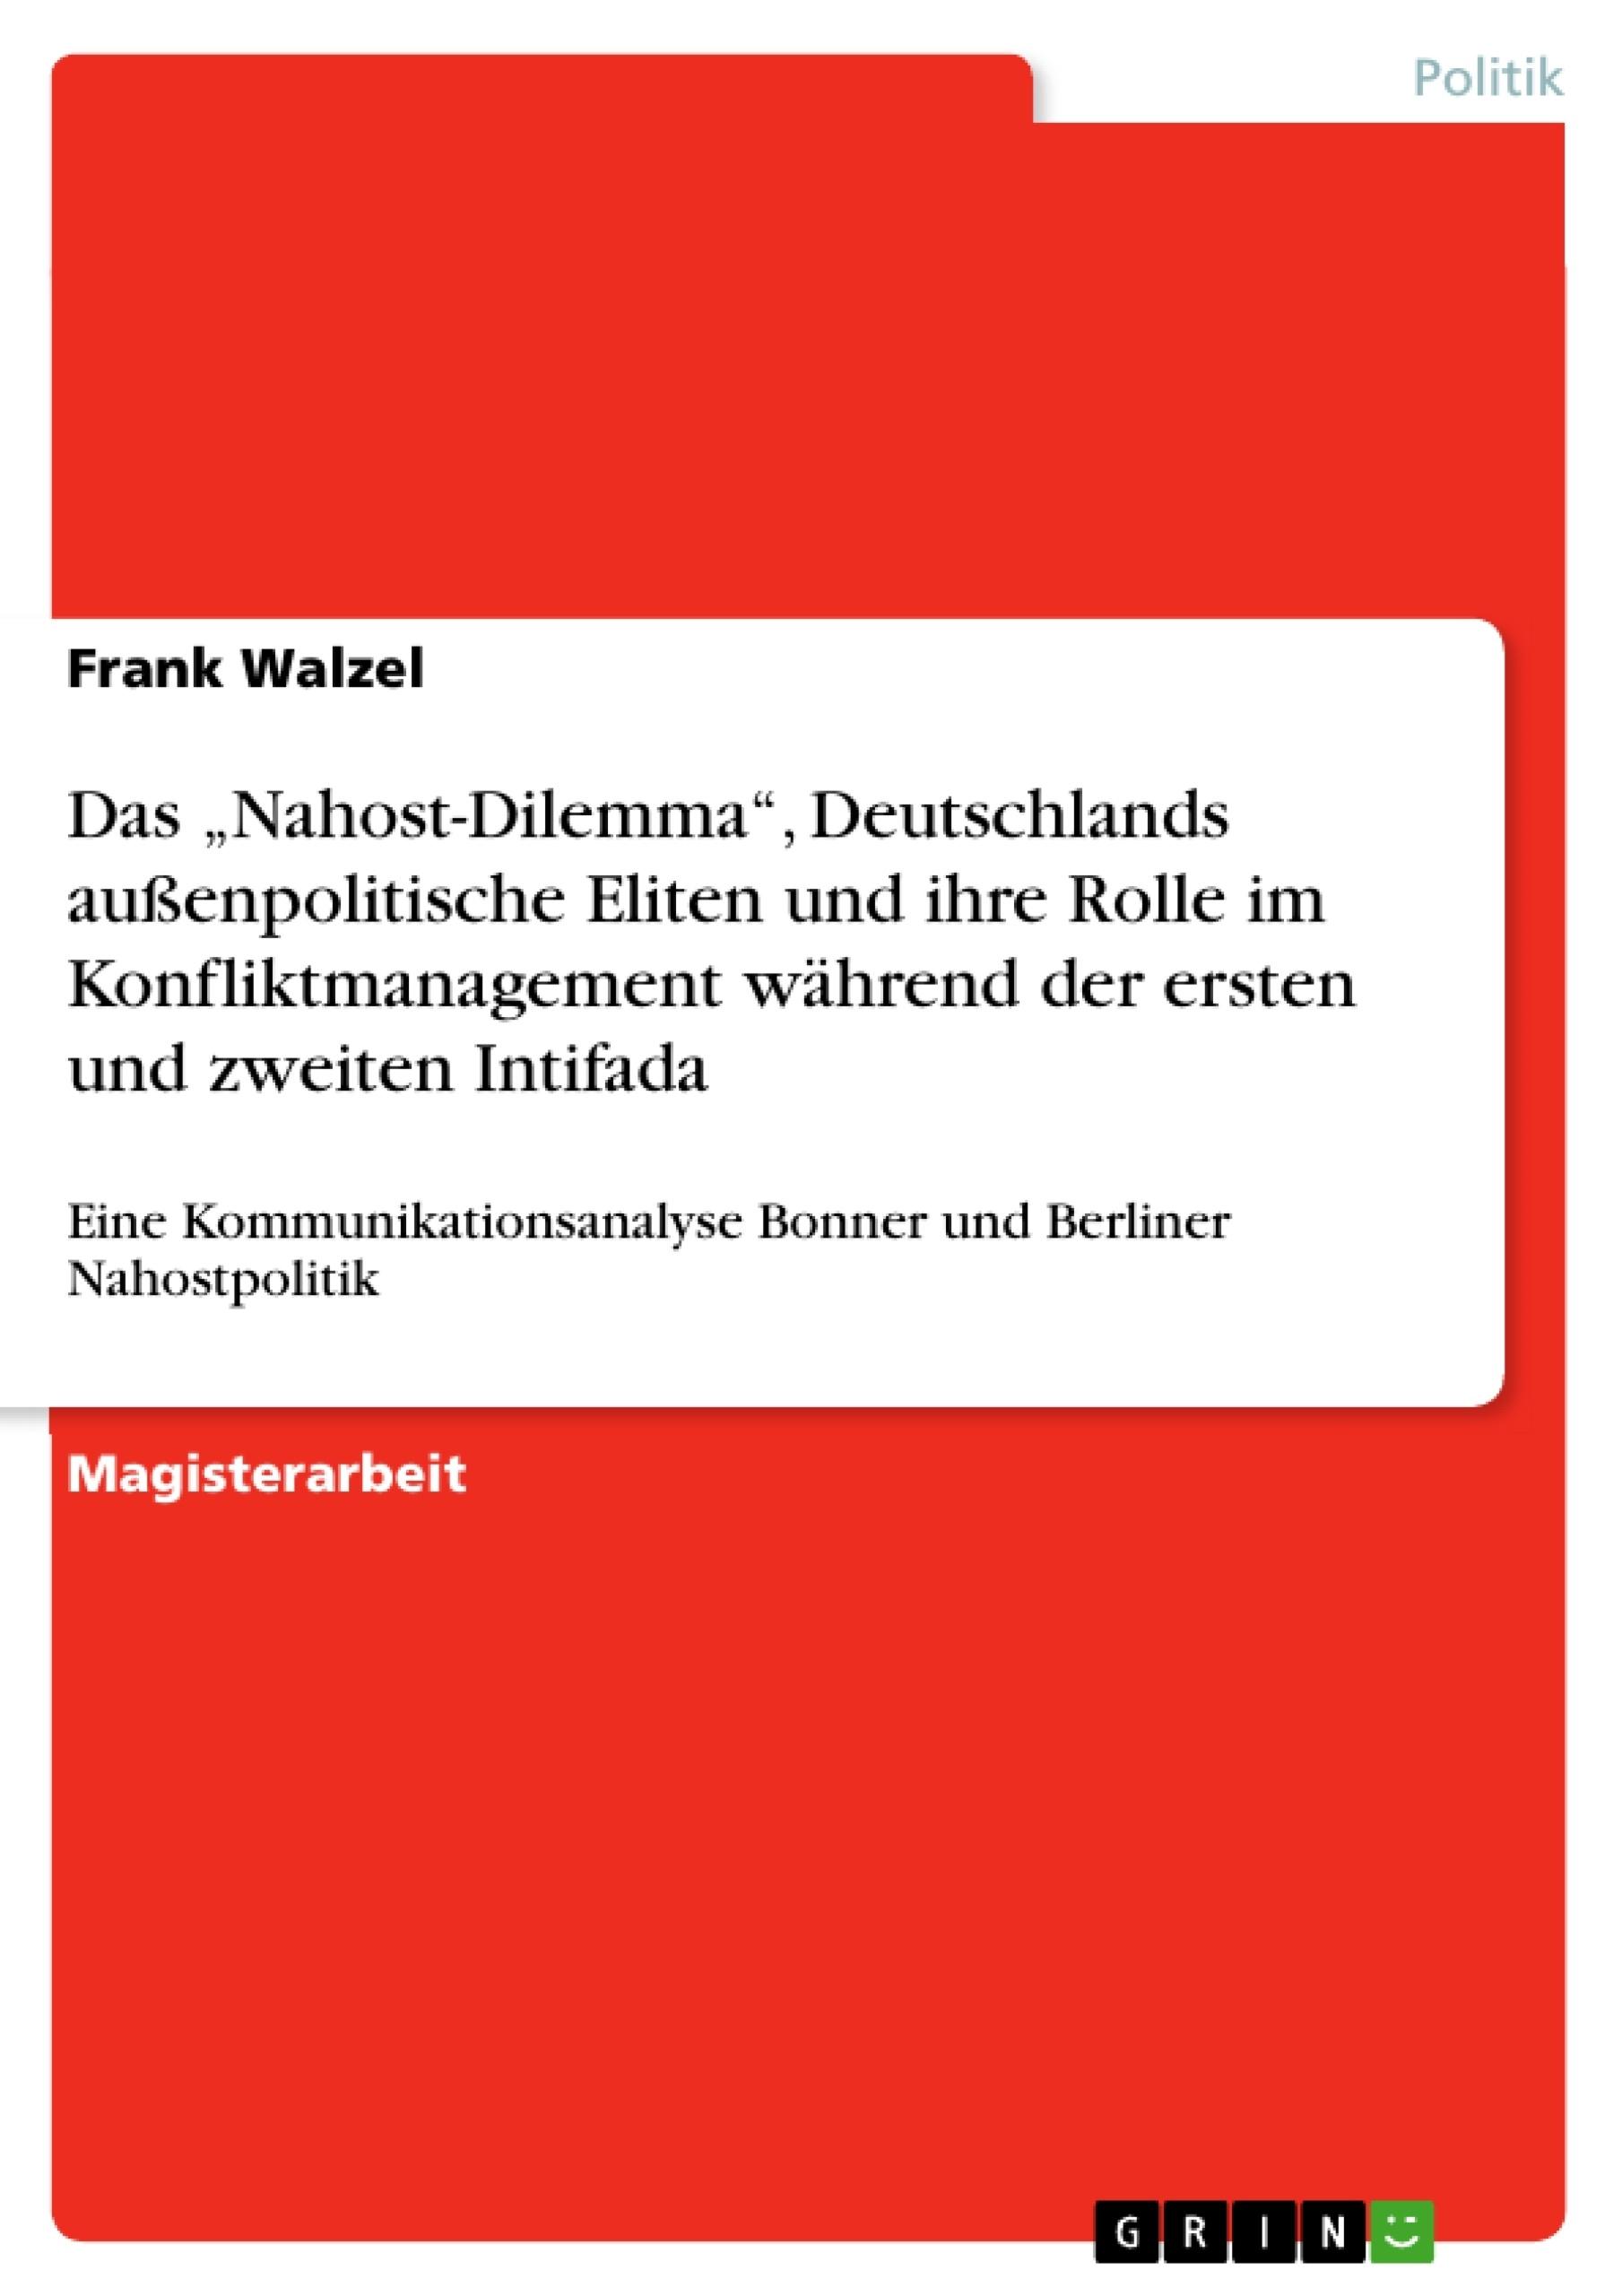 """Titel: Das """"Nahost-Dilemma"""", Deutschlands außenpolitische Eliten und ihre Rolle im Konfliktmanagement während der ersten und zweiten Intifada"""